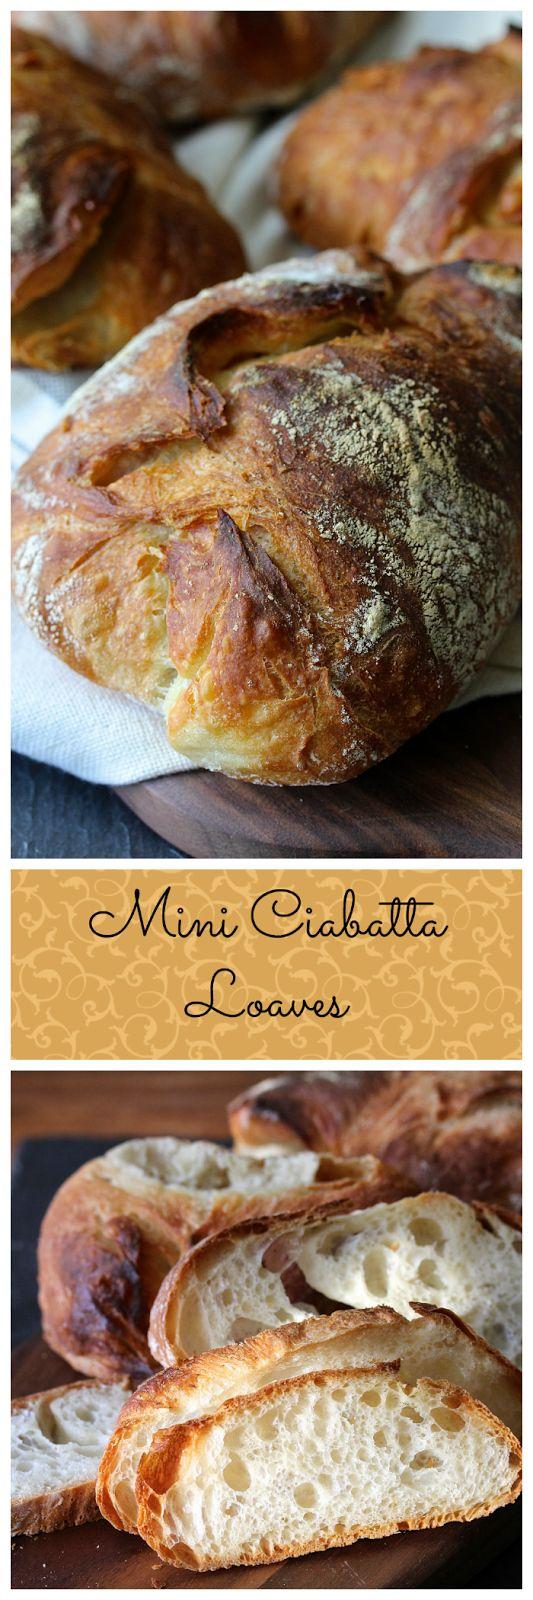 Mini Ciabatta Loaves